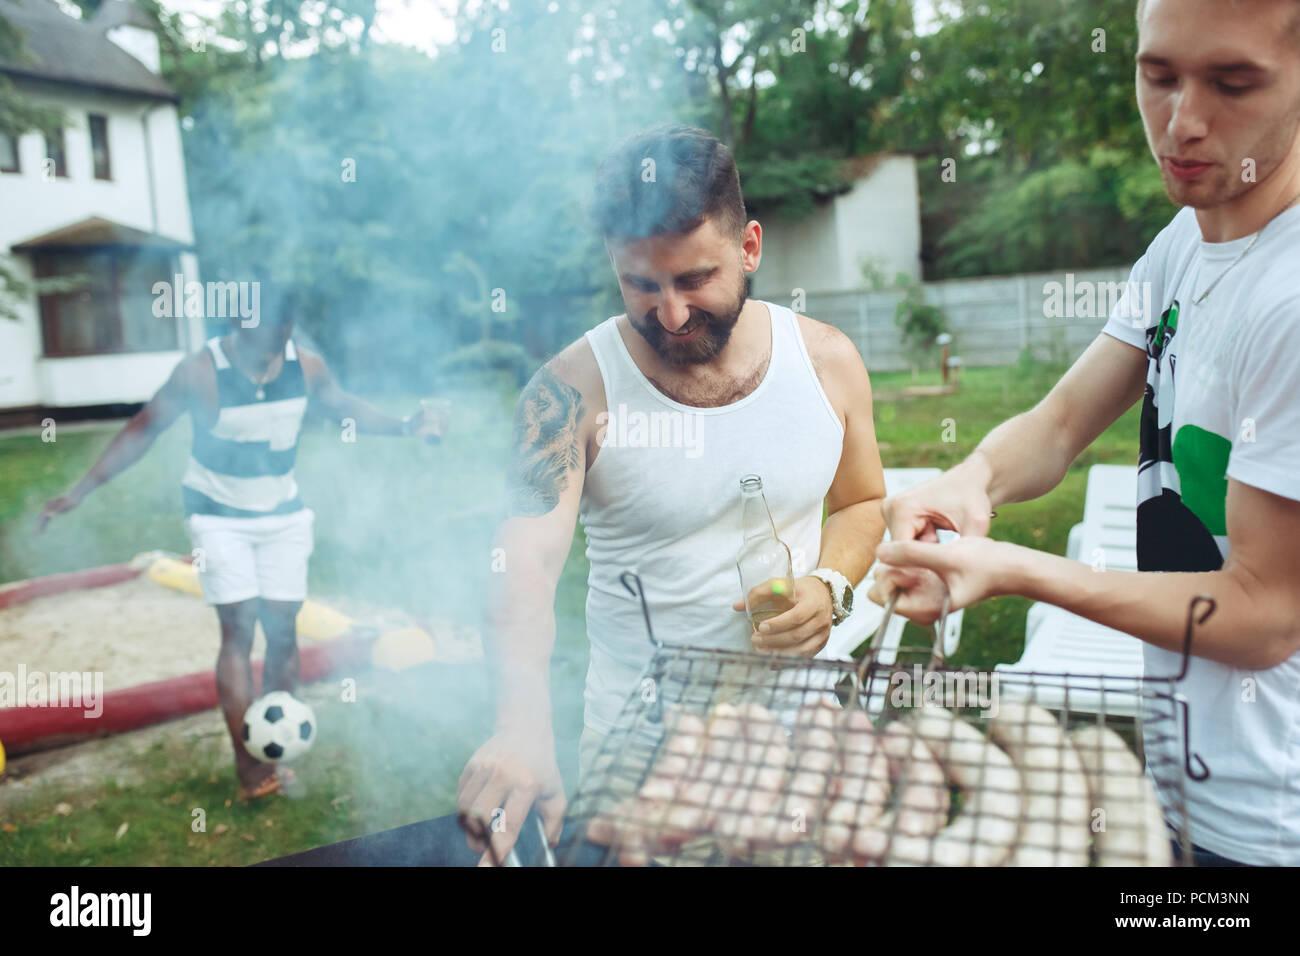 Gruppo di amici fare barbecue nel cortile. concetto circa il bene e stato d'animo positivo con gli amici Immagini Stock